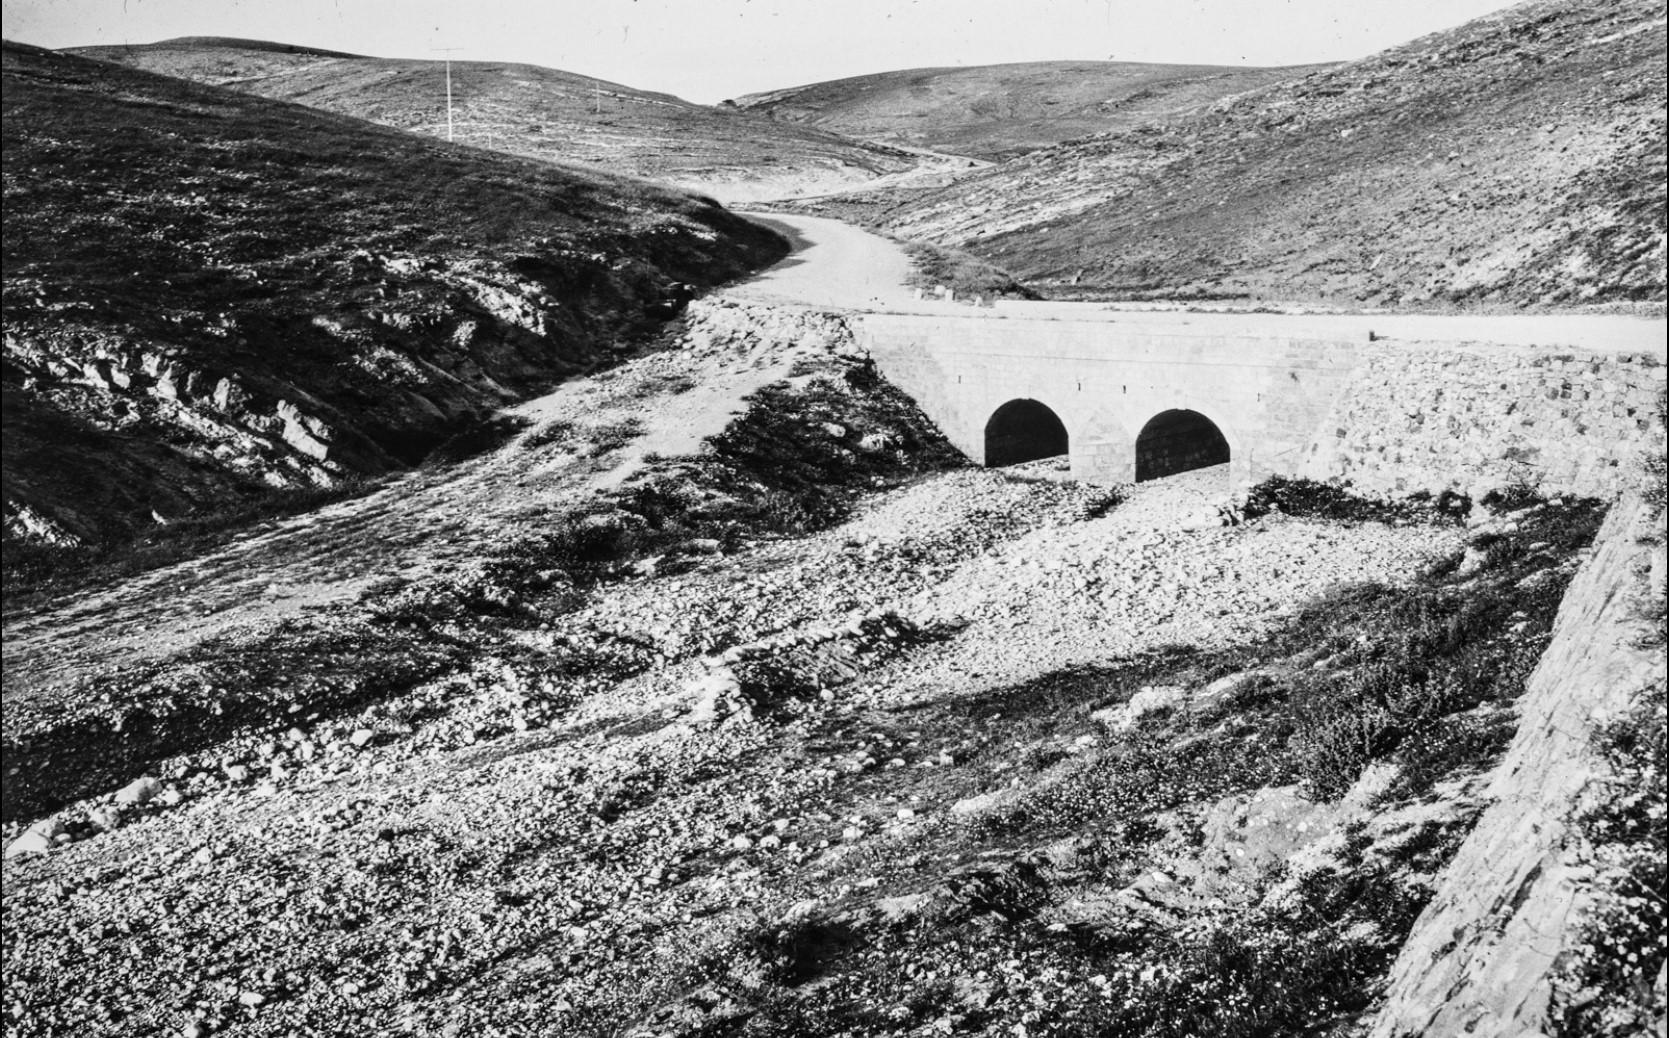 Мост в Иудейской пустыне между Иерусалимом и Мертвым морем